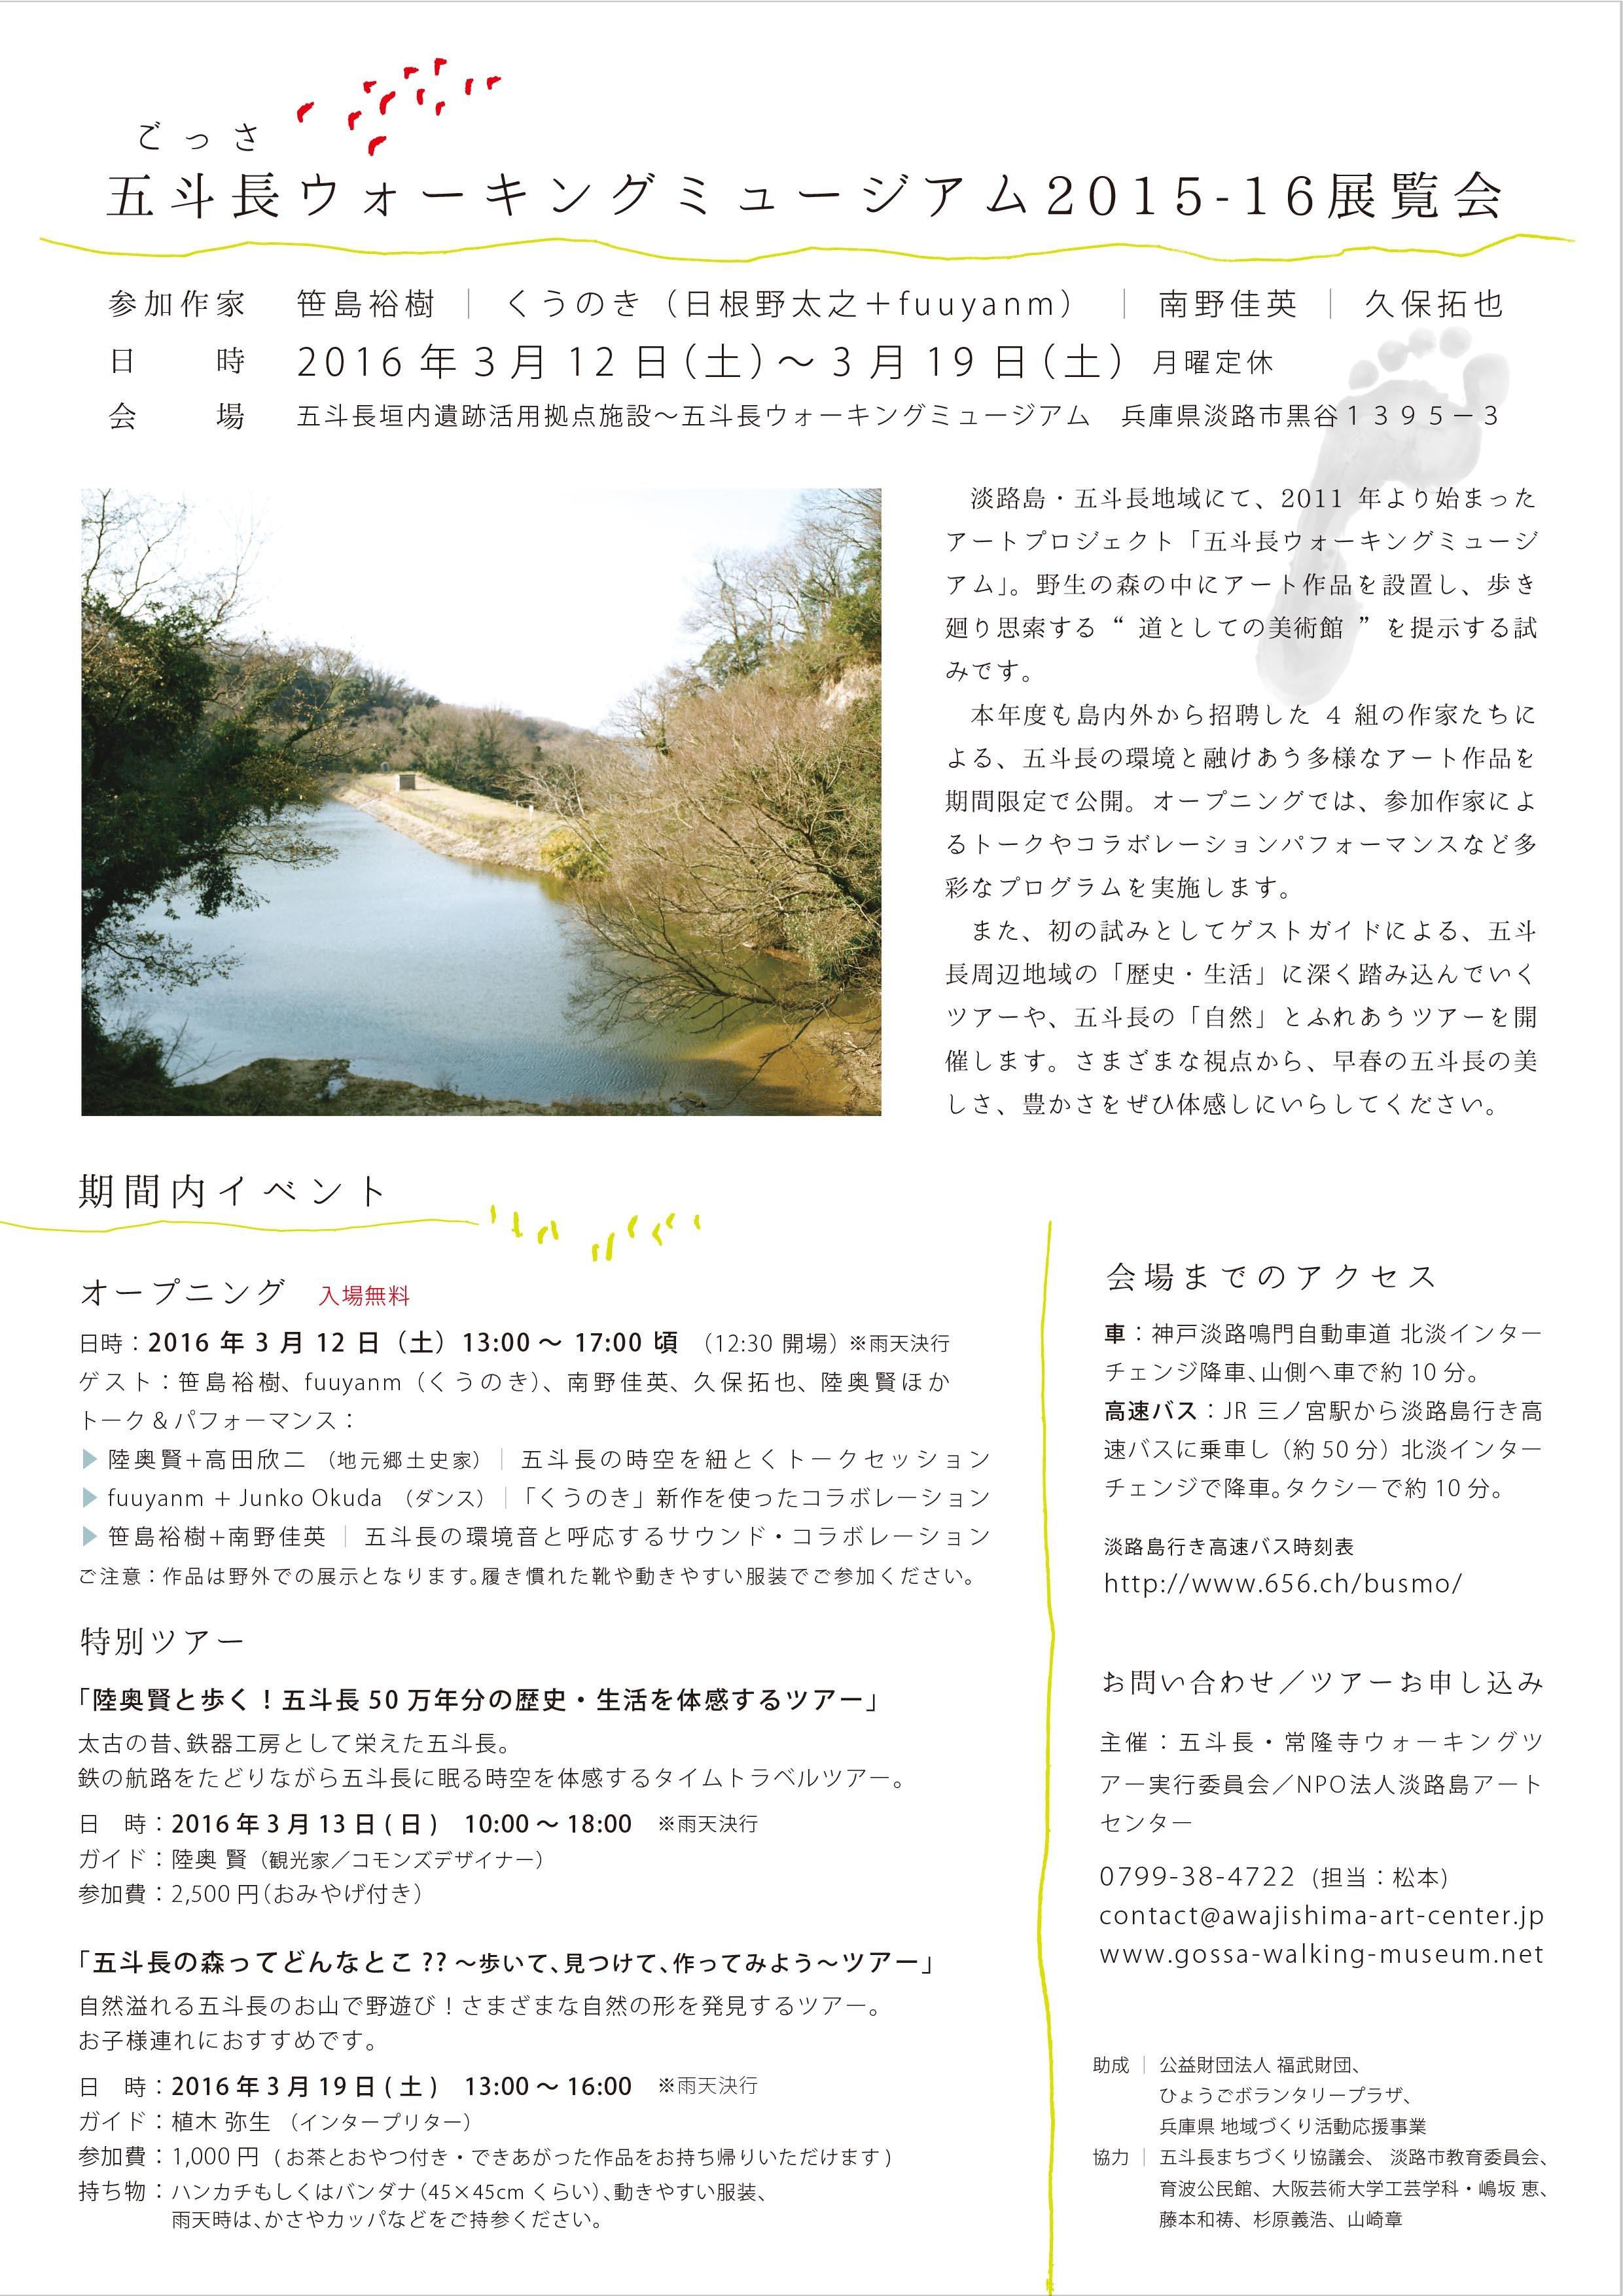 五斗長ウォーキングミュージアム 詳細